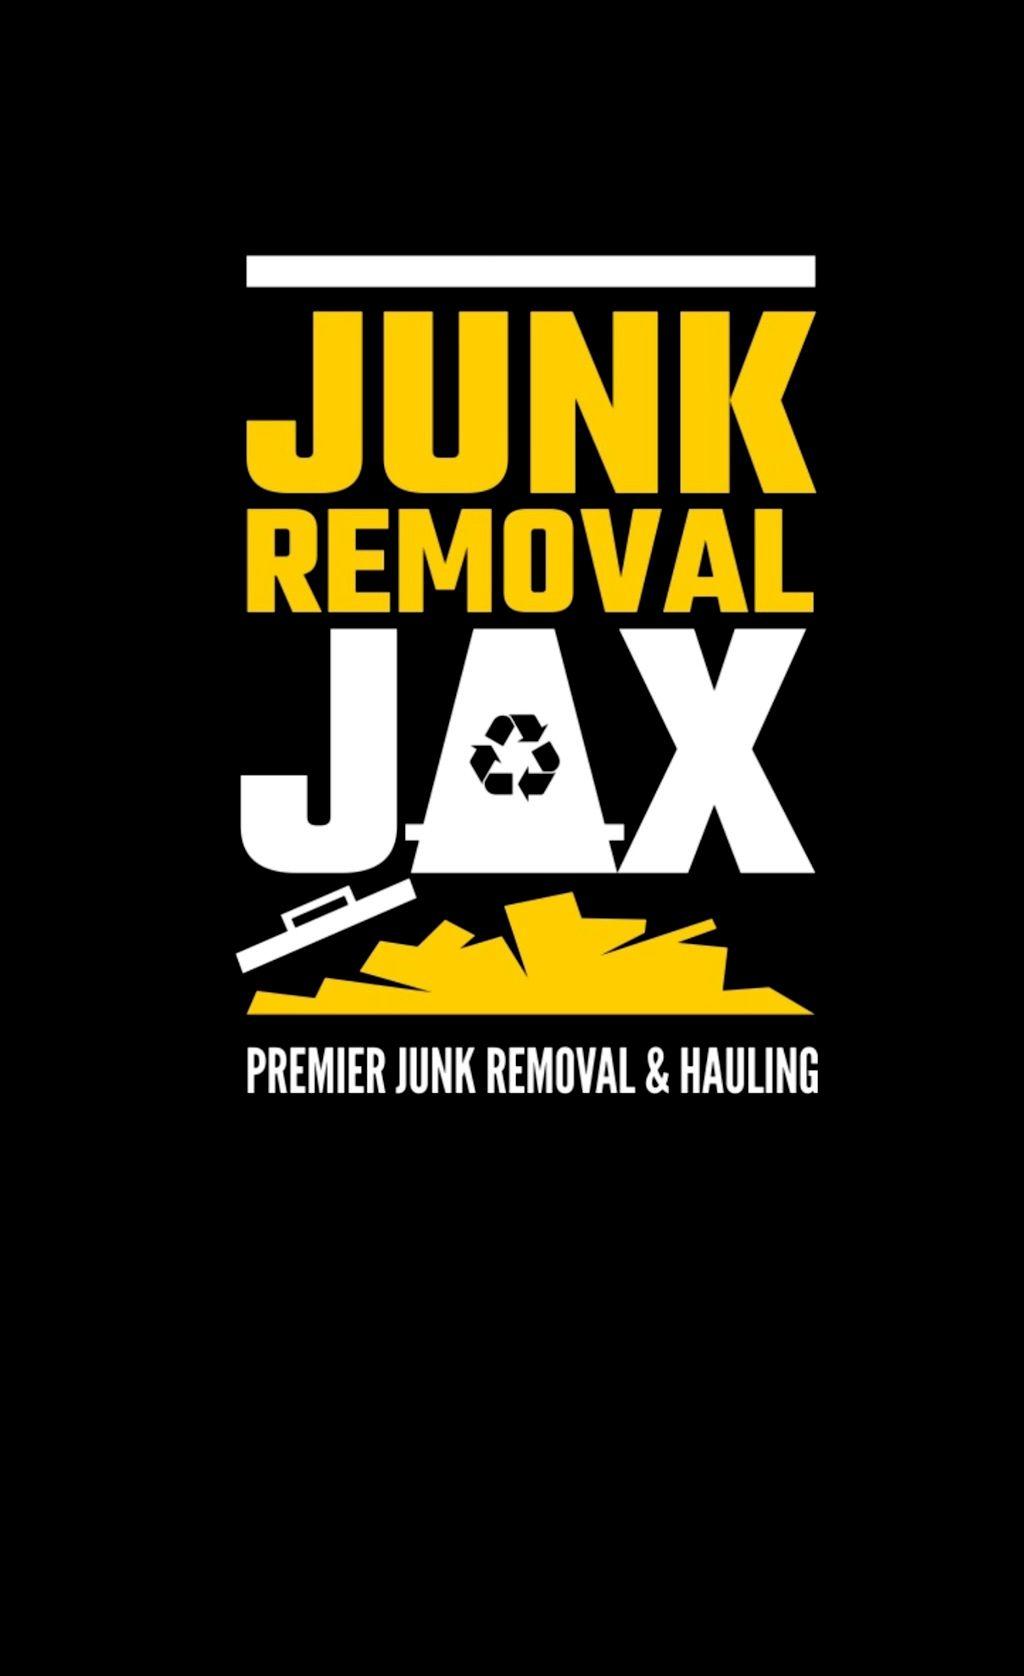 Junk Removal Jax